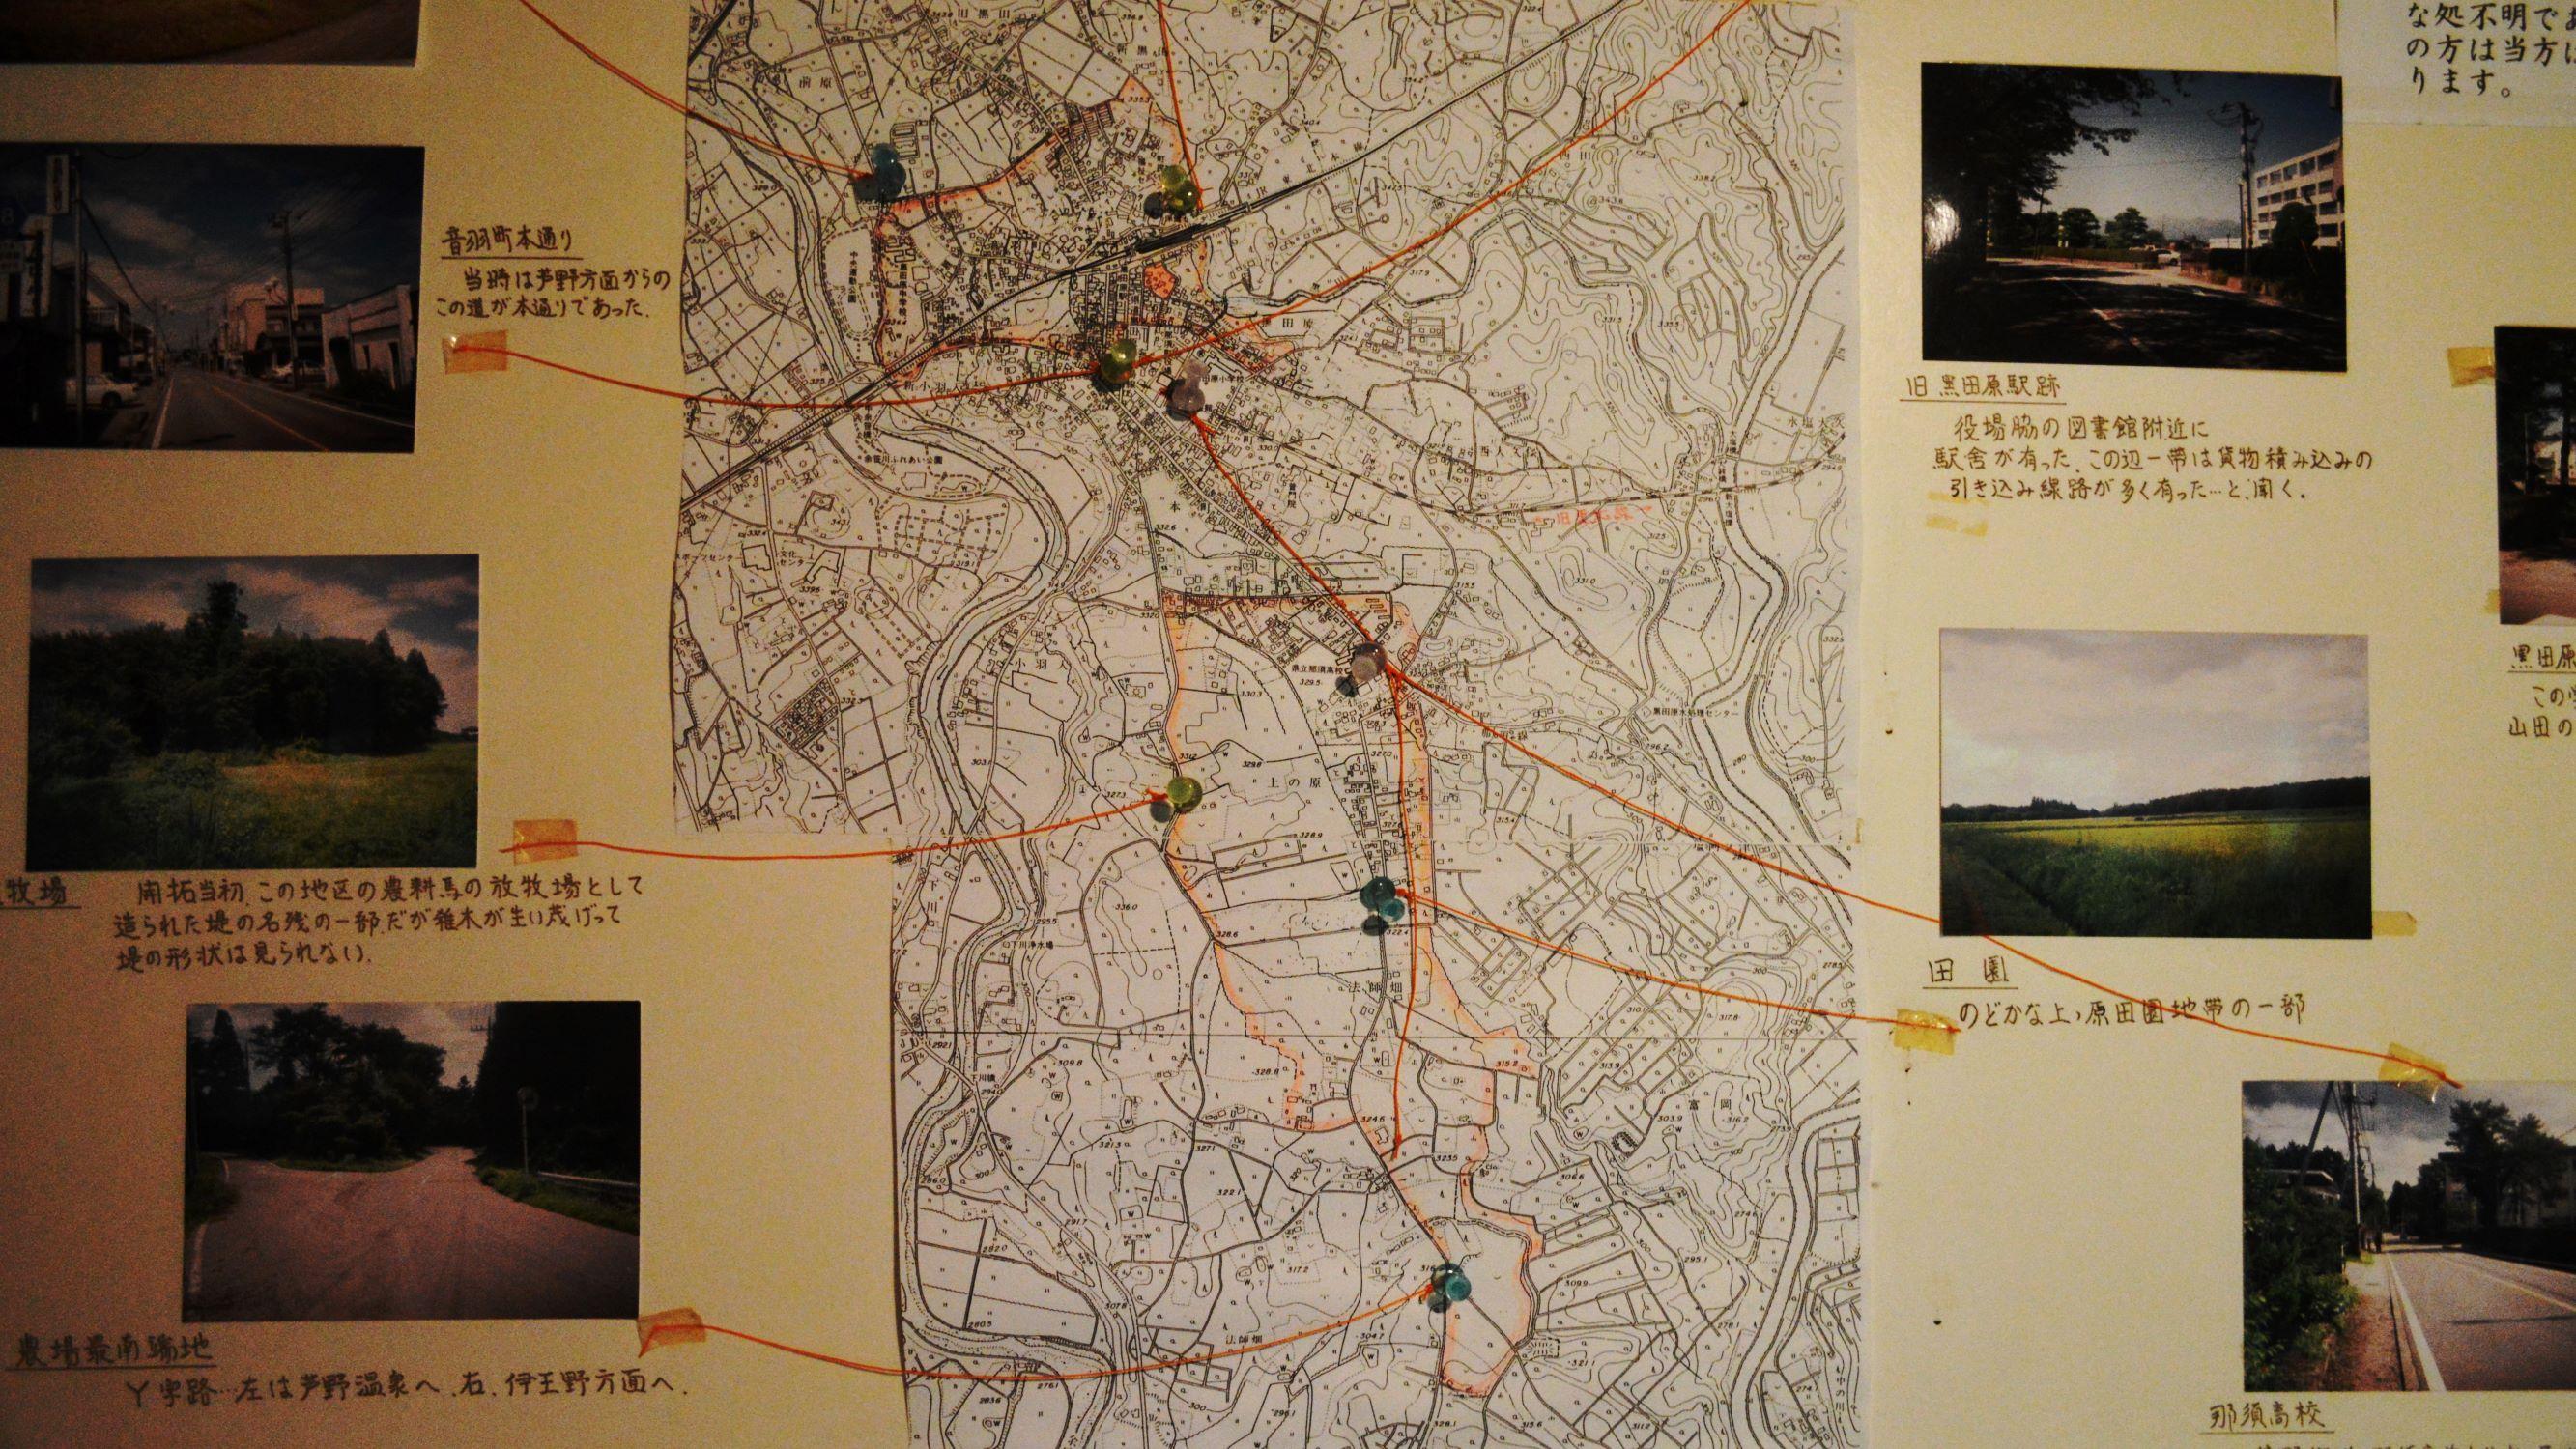 那須町山田農場のエリア地図